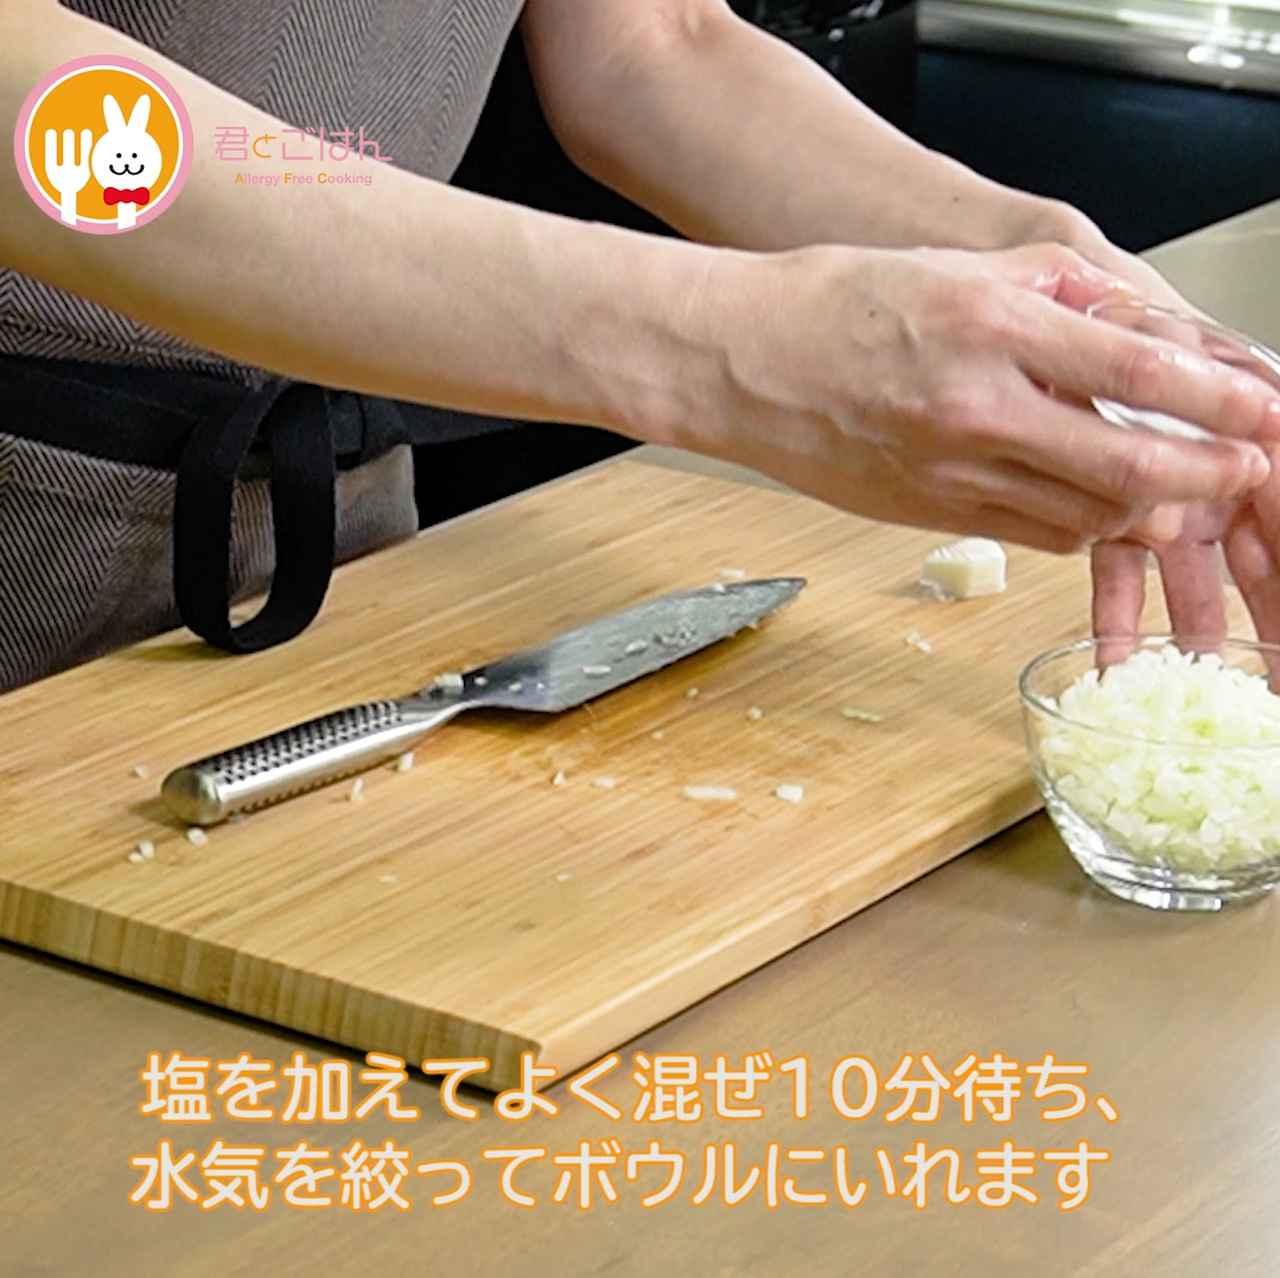 画像2: 特定原材料7品目不使用 レシピ